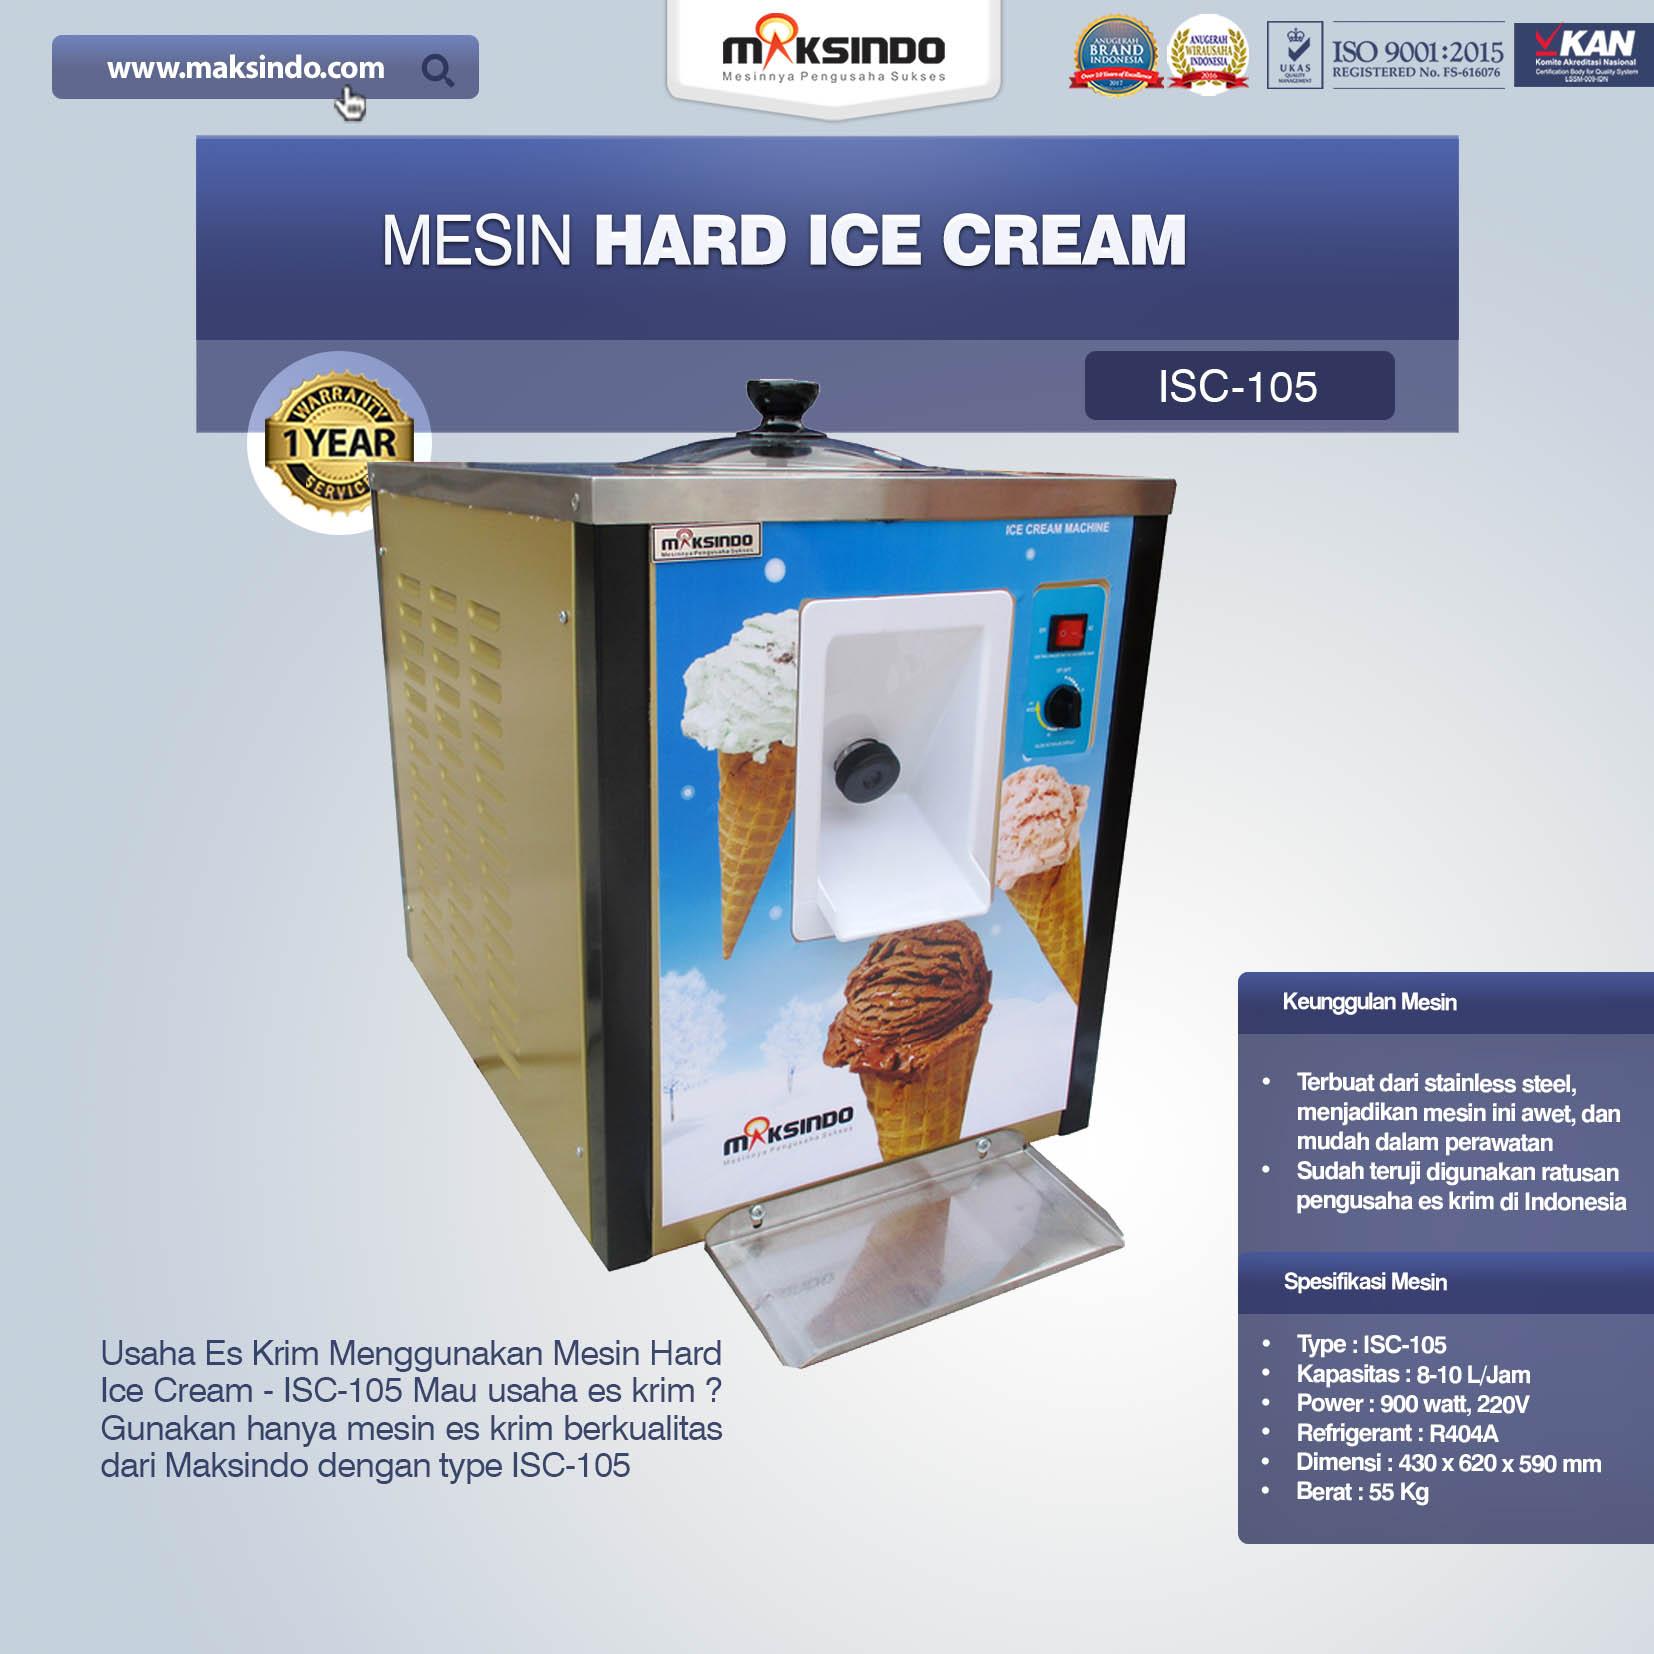 Jual Mesin Hard Ice Cream ISC-105 di Blitar